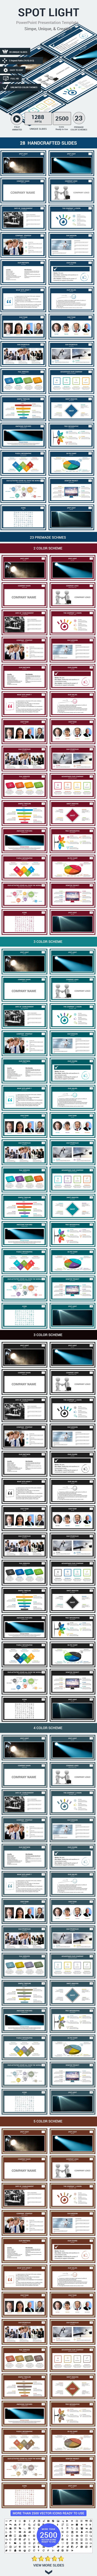 SPOT LIGHT  PowerPoint Presentation Template - Business PowerPoint Templates